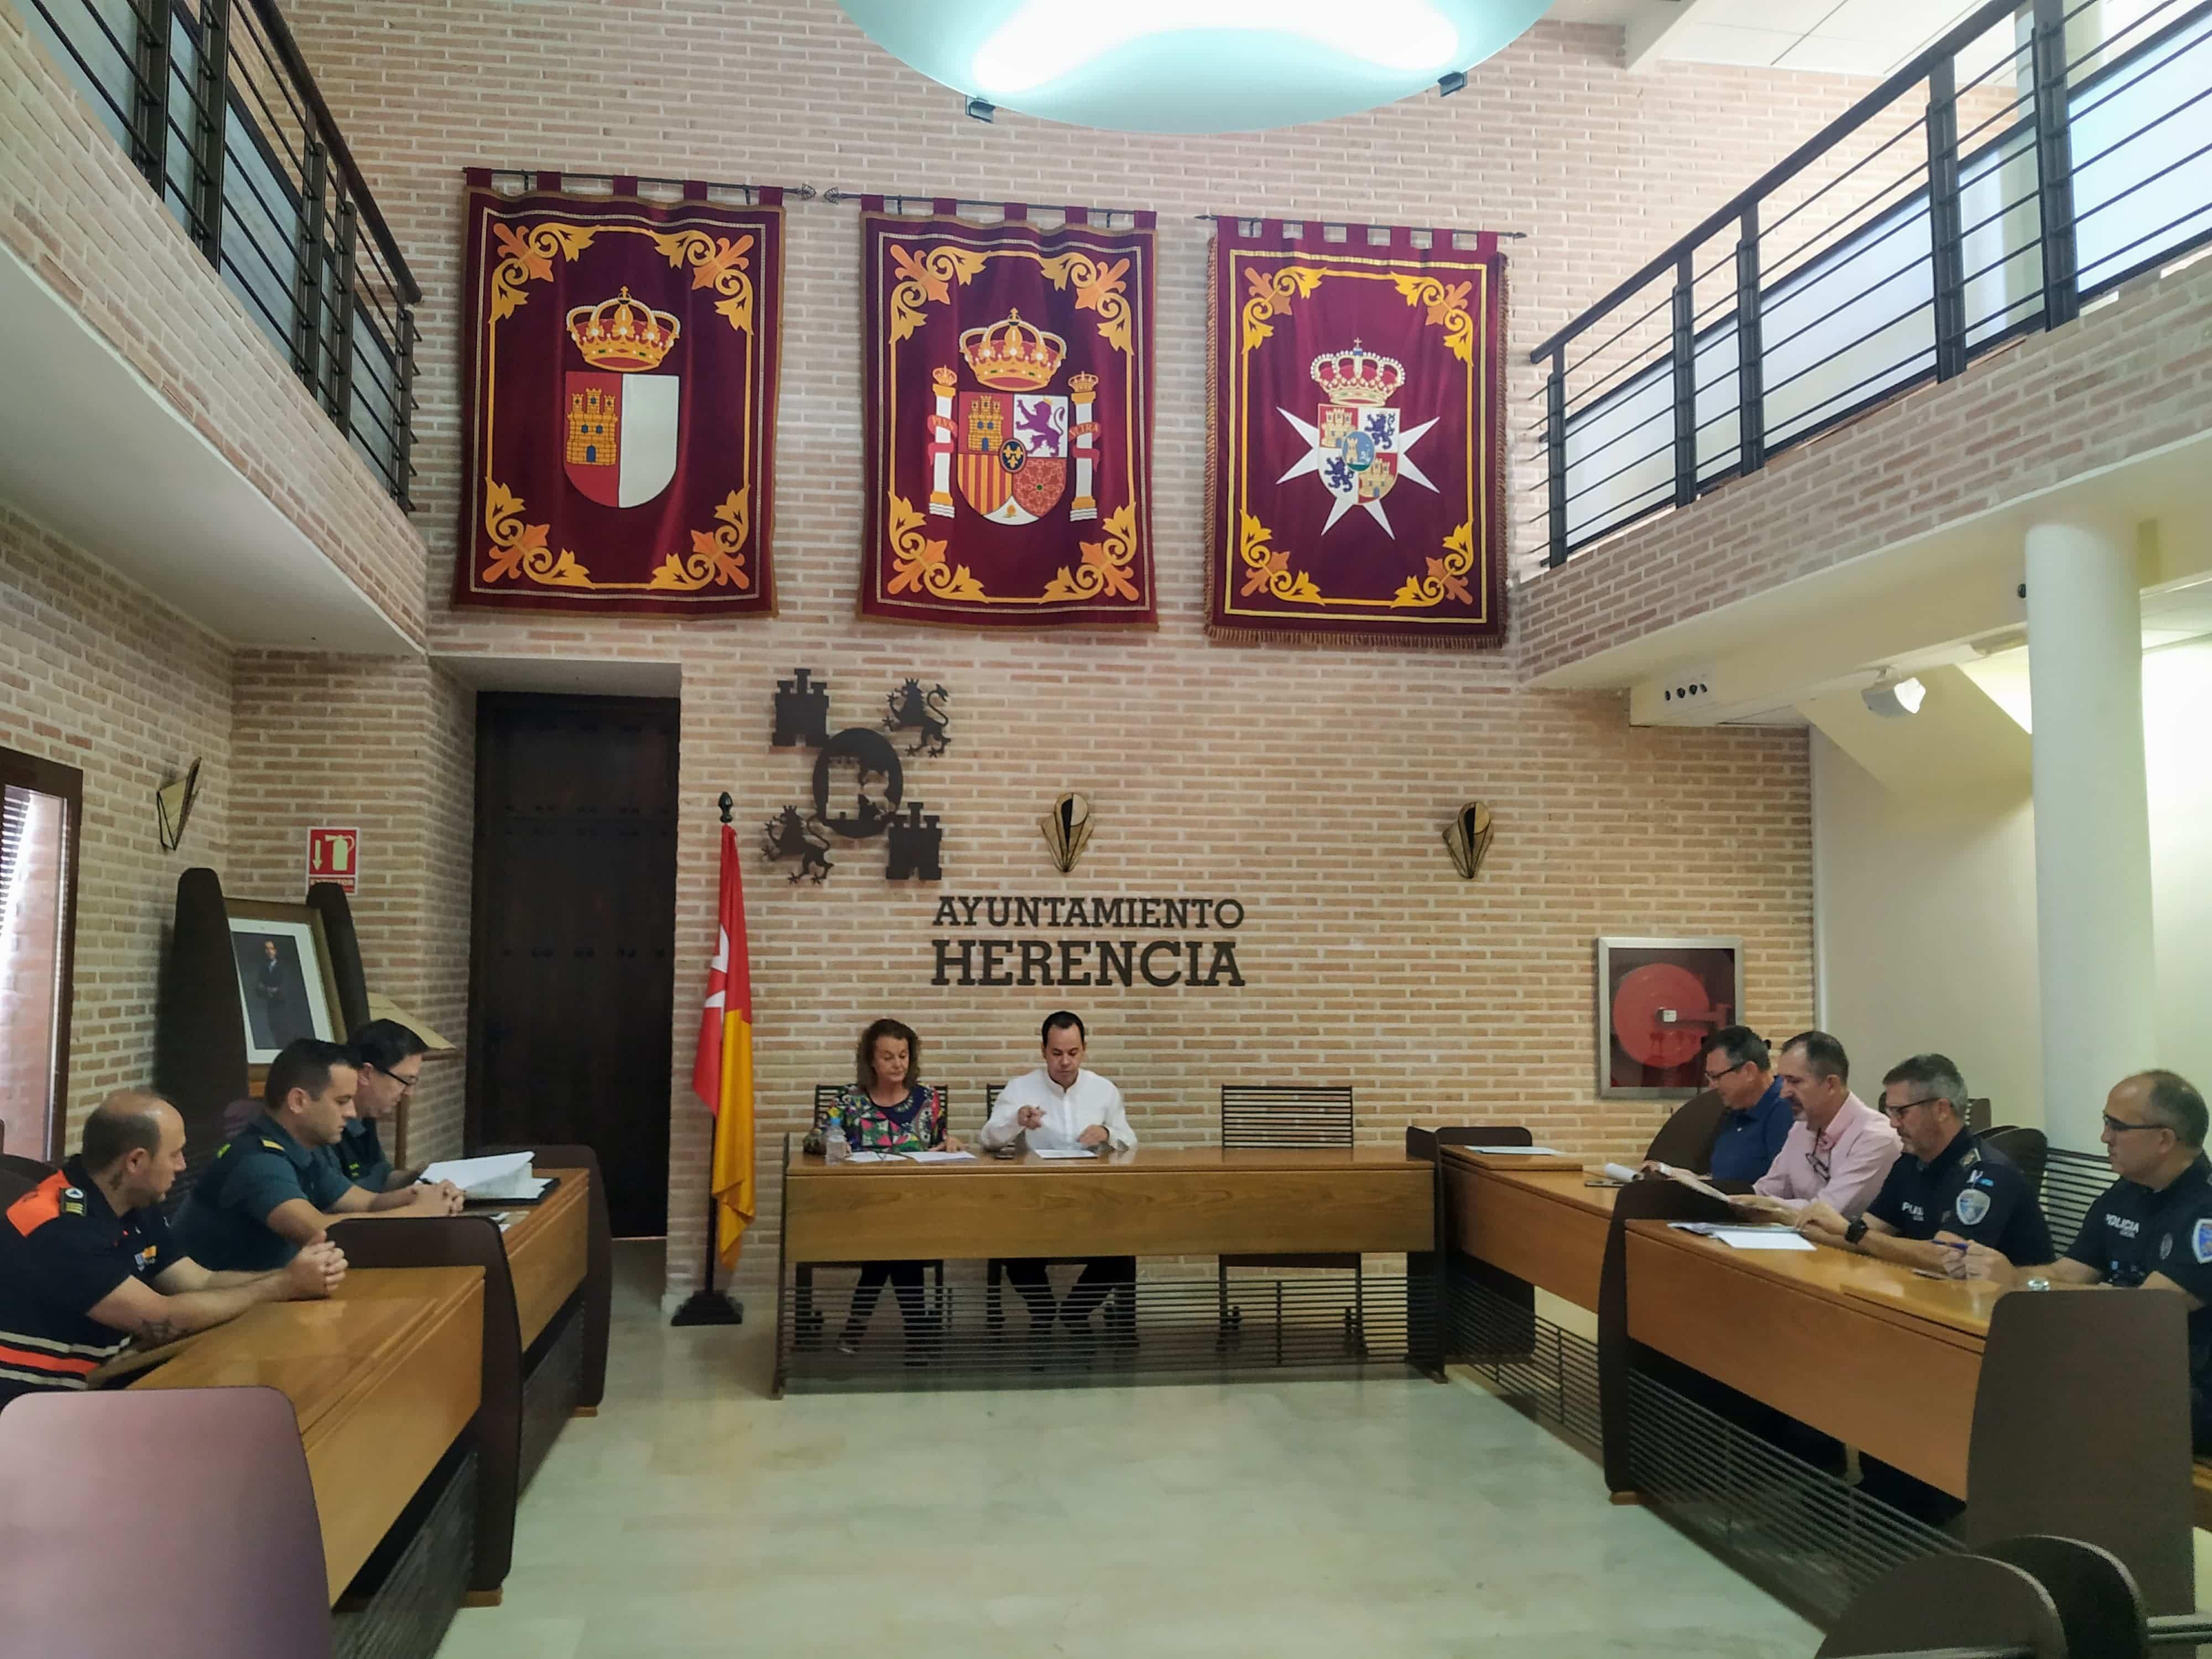 reunion juna local seguridad herencia - La Junta Local de Seguridad se coordina para la Feria y Fiestas de Herencia